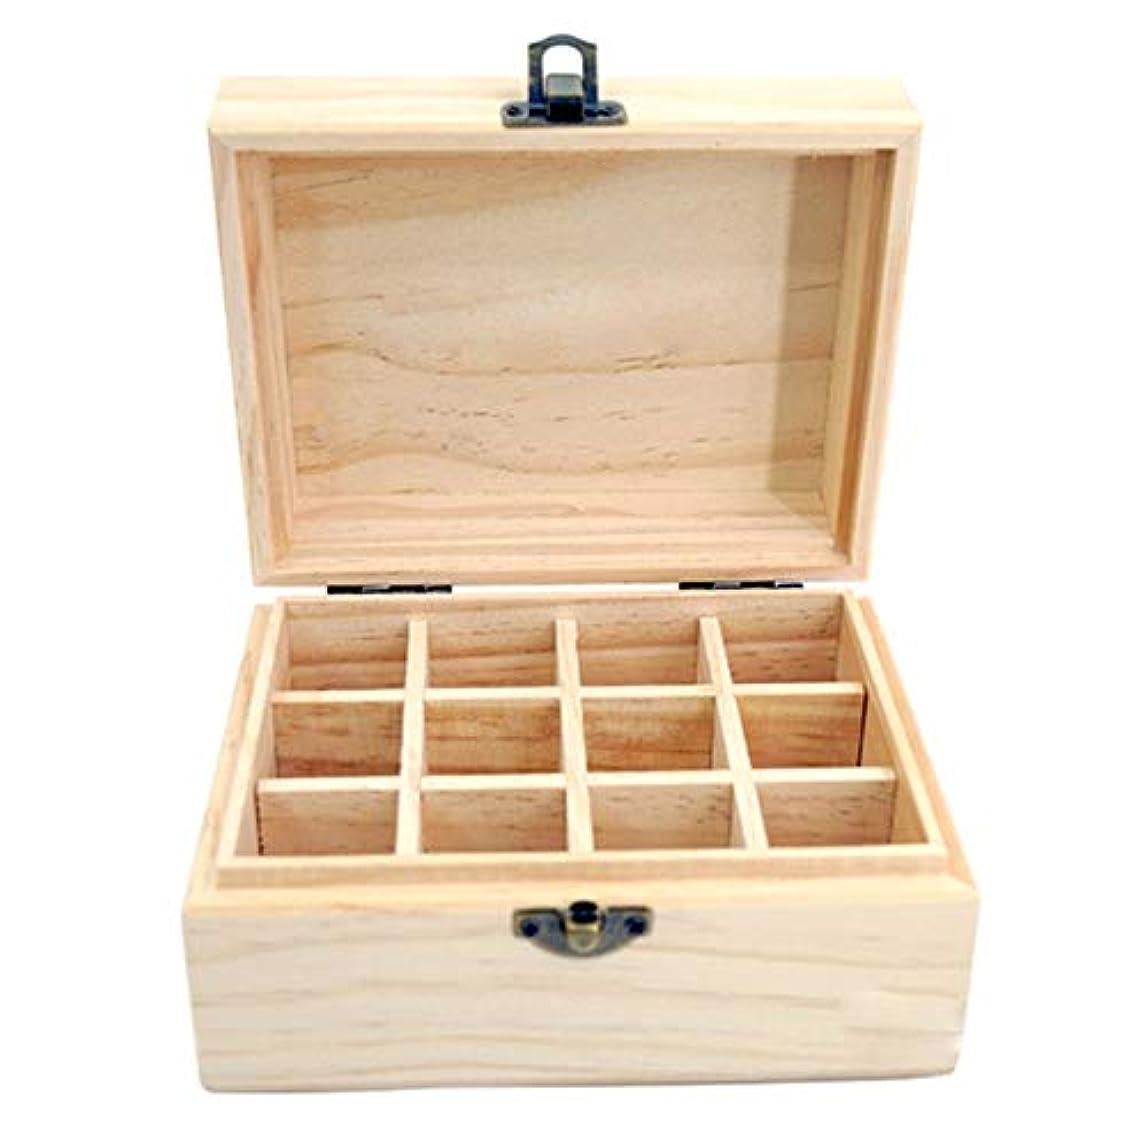 スロット好奇心番号エッセンシャルオイルストレージボックス 18スロットエッセンシャルオイル木製ボックス収納ケースは、あなたの油安全保護さを保つ保護します 旅行およびプレゼンテーション用 (色 : Natural, サイズ : 15X11.5X8CM)